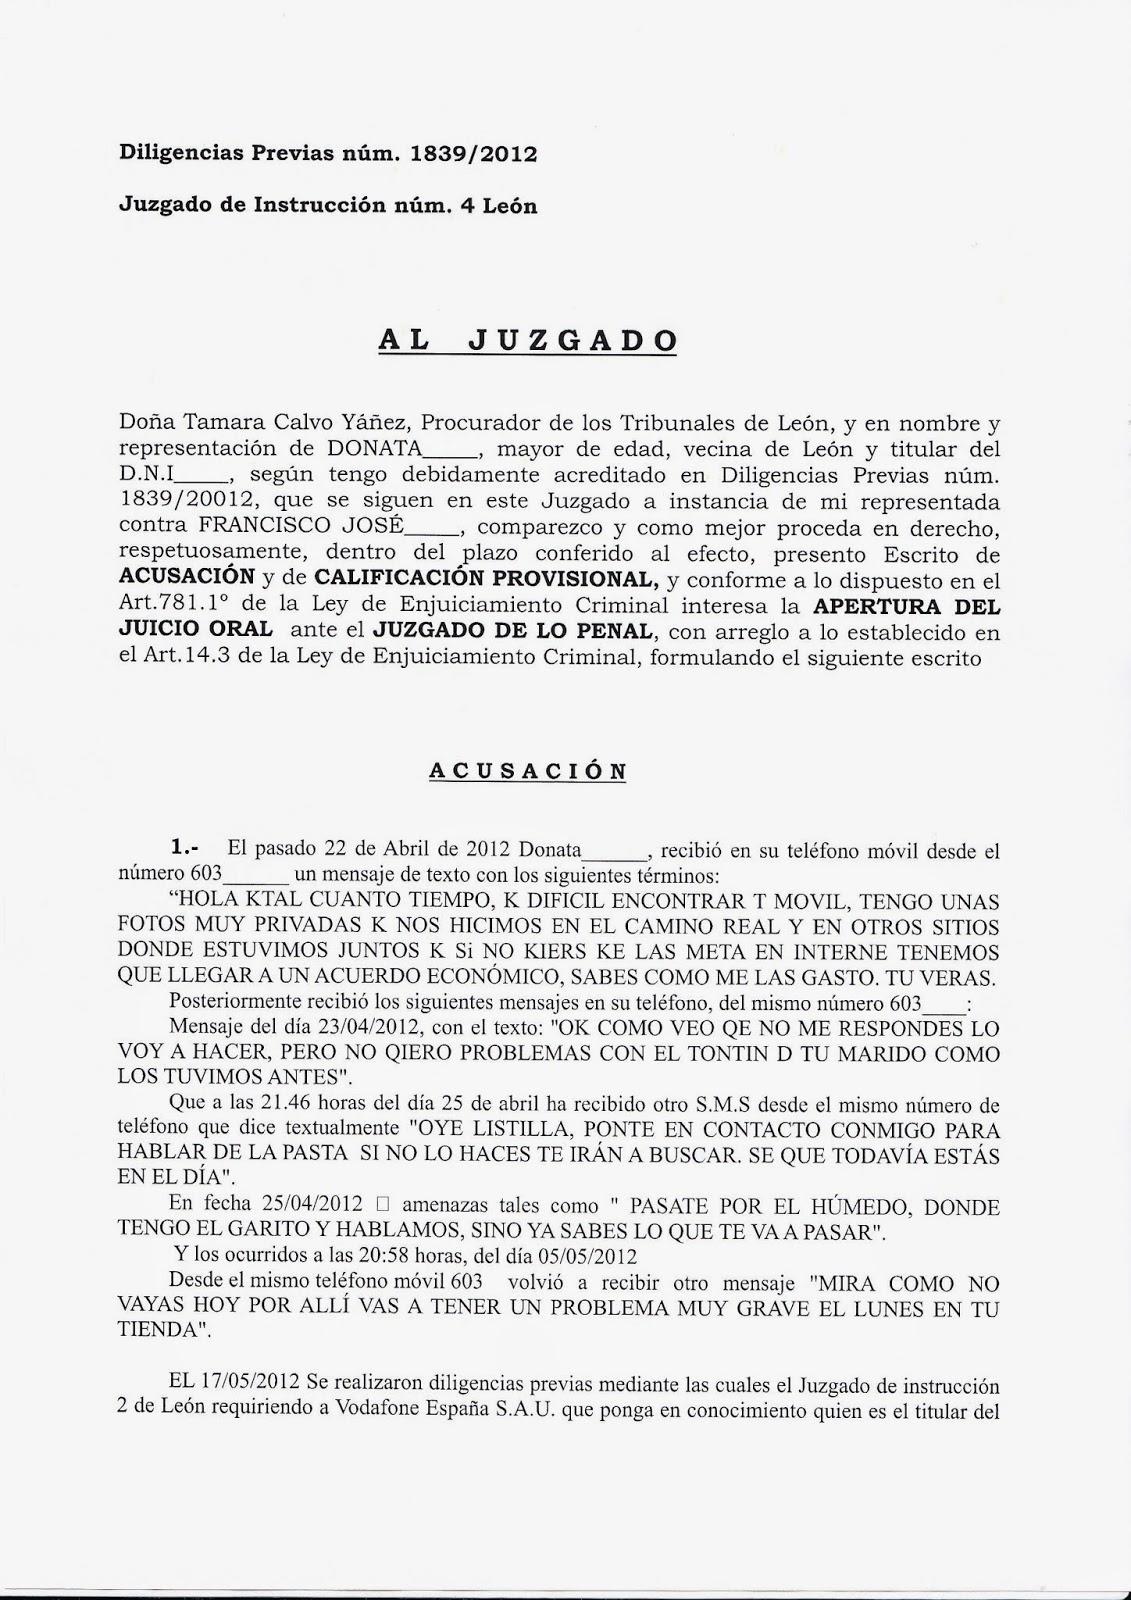 AULA JUDICIAL: Escrito de calificaciones provisionales de la ...